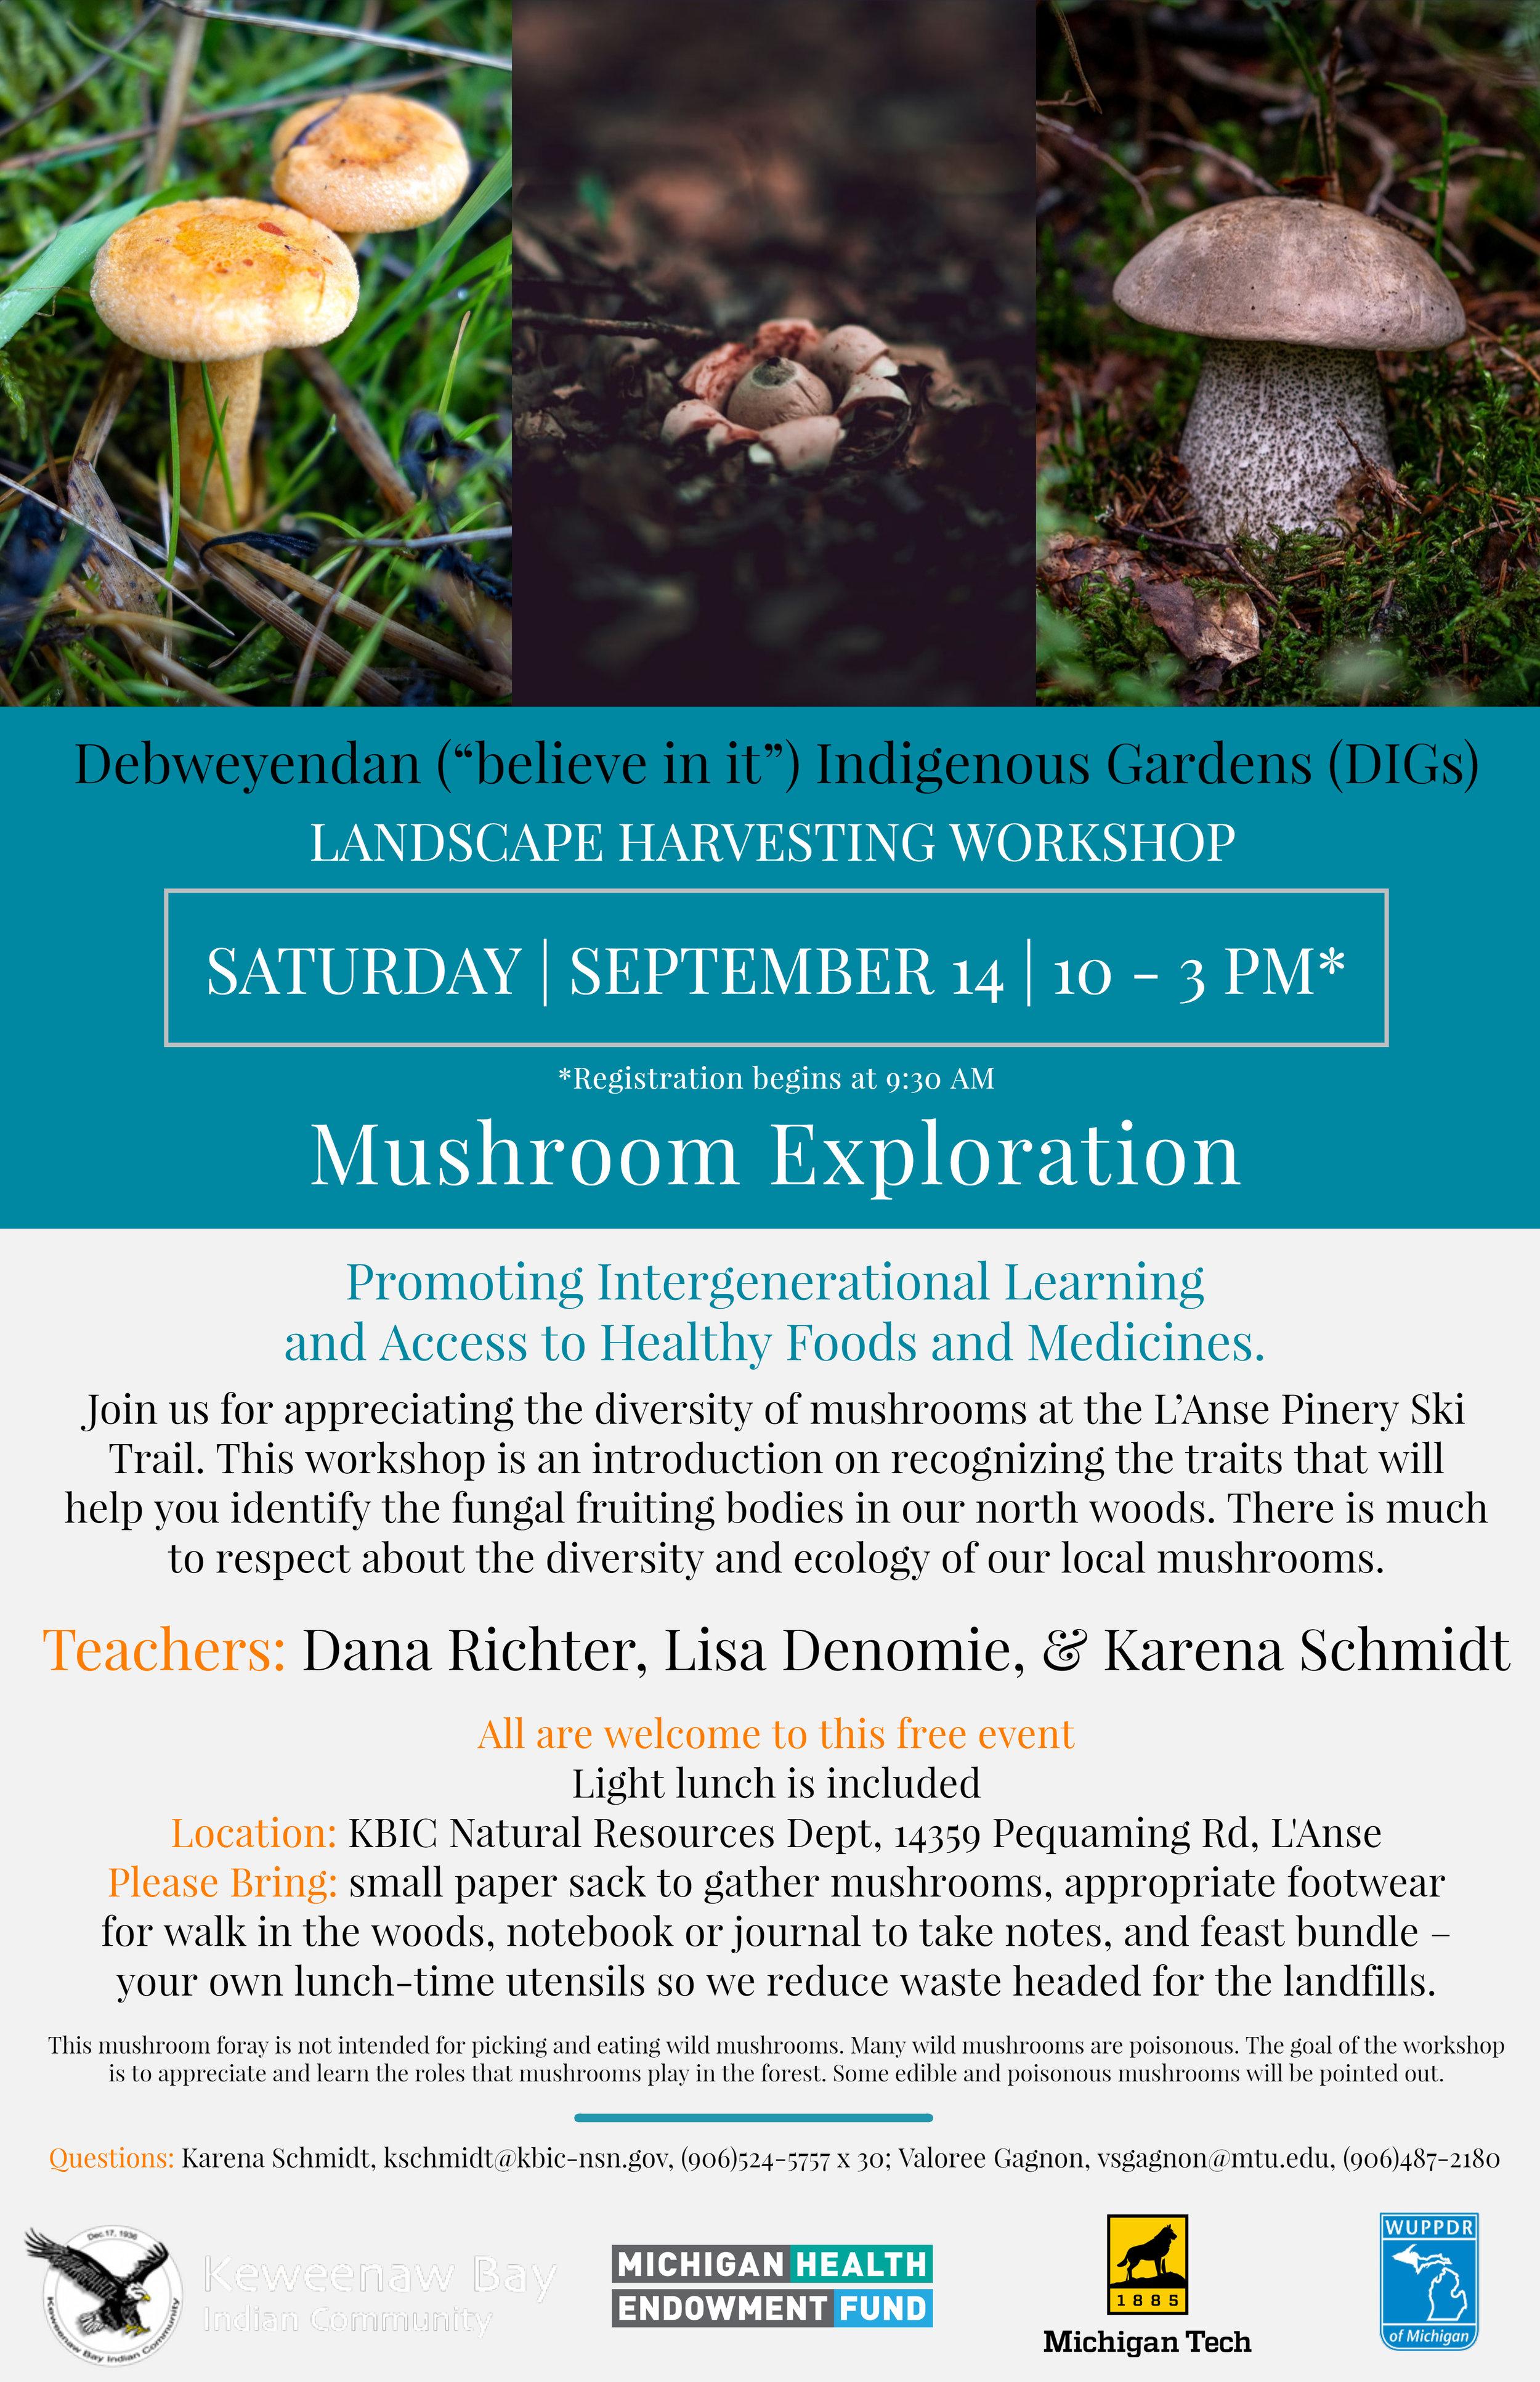 Landscape Harvesting Workshop Flyer September.jpg